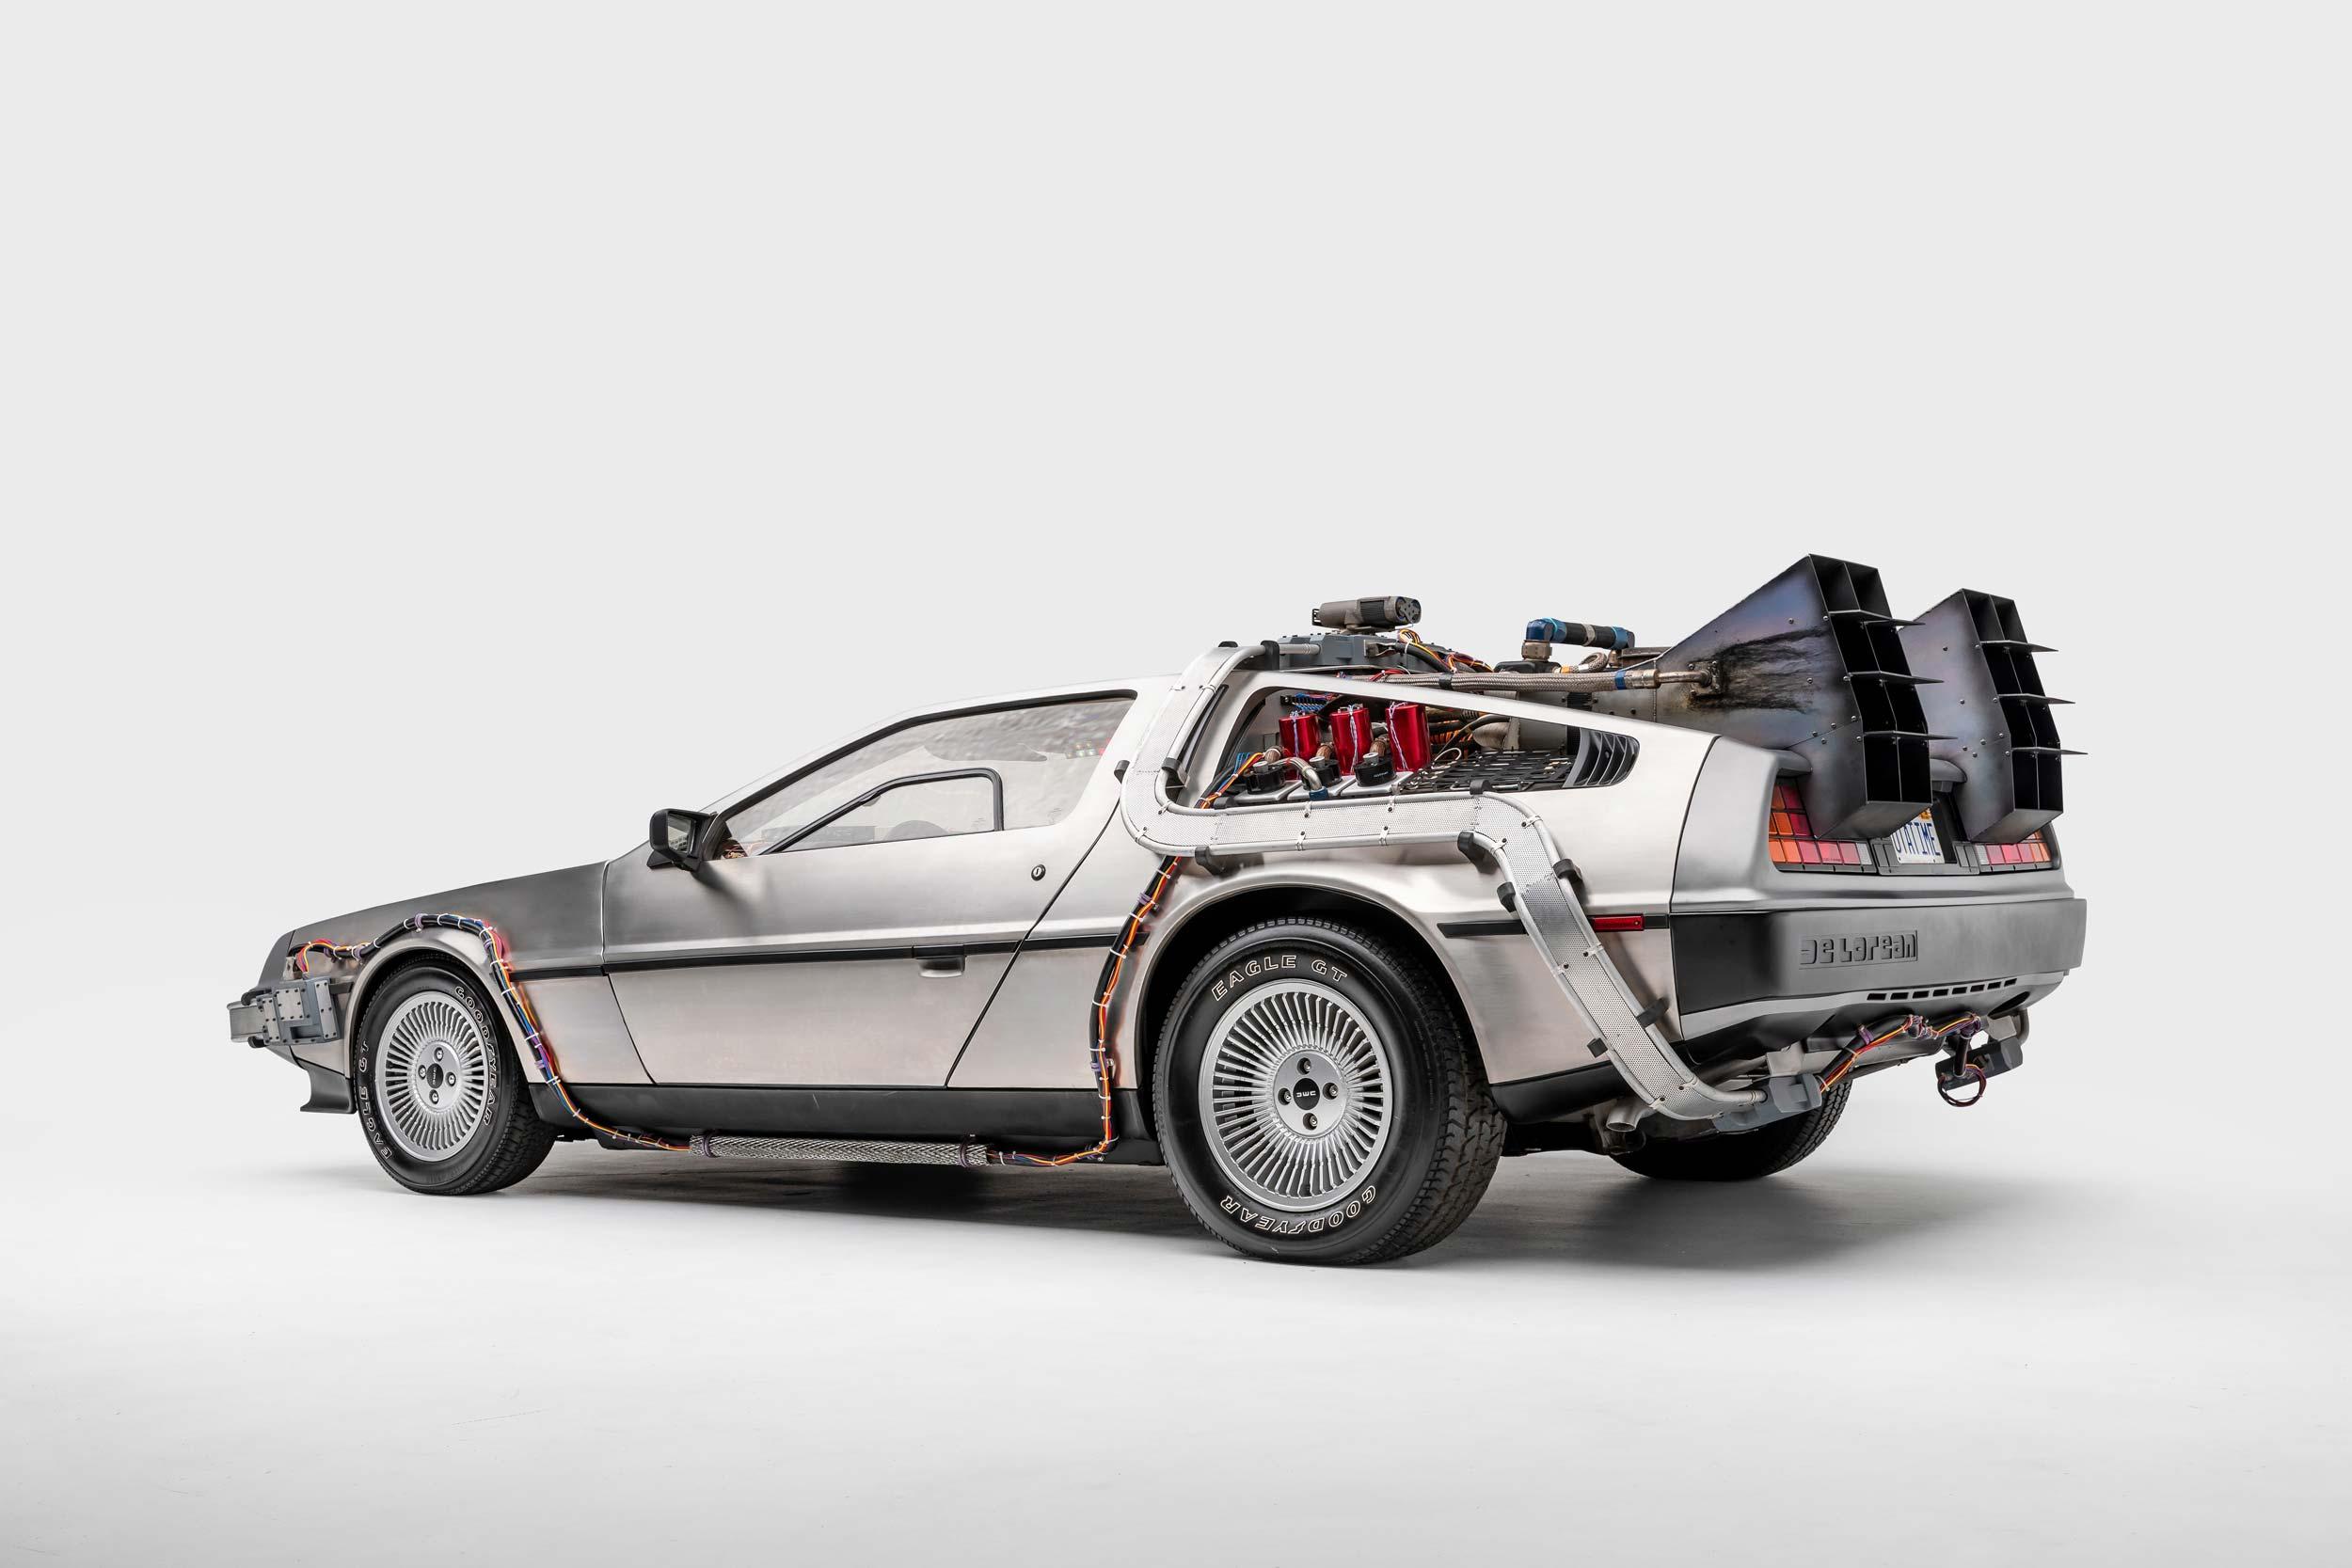 Back to the Future Time Machine DeLorean